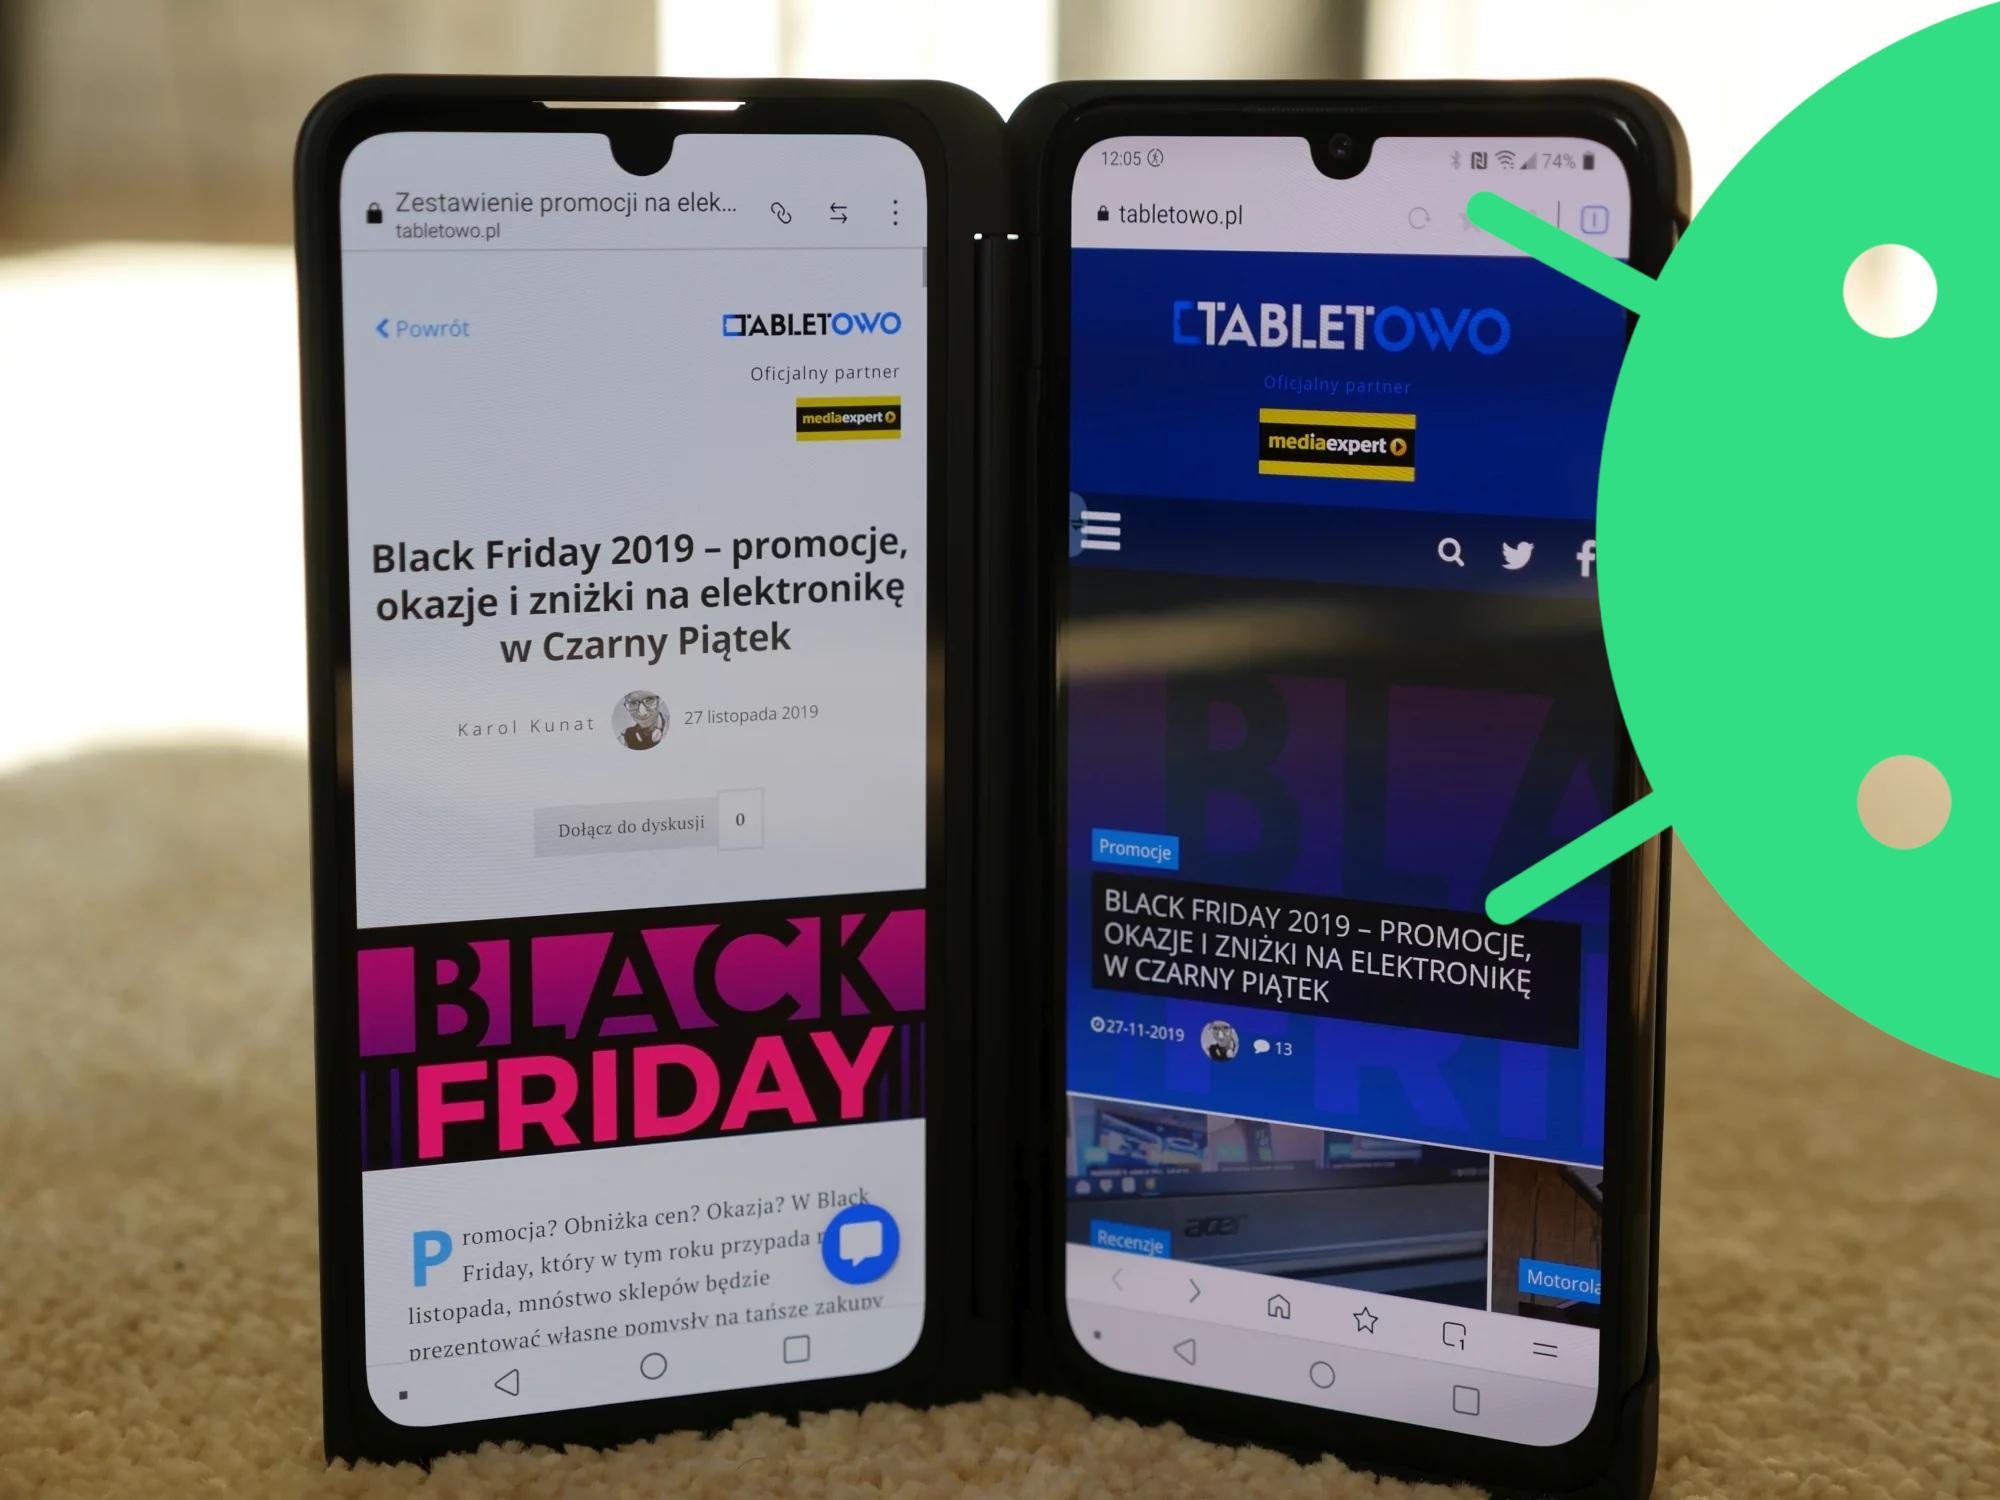 Sprawdź, czy twój smartfon LG dostanie aktualizację systemu do Androida 10